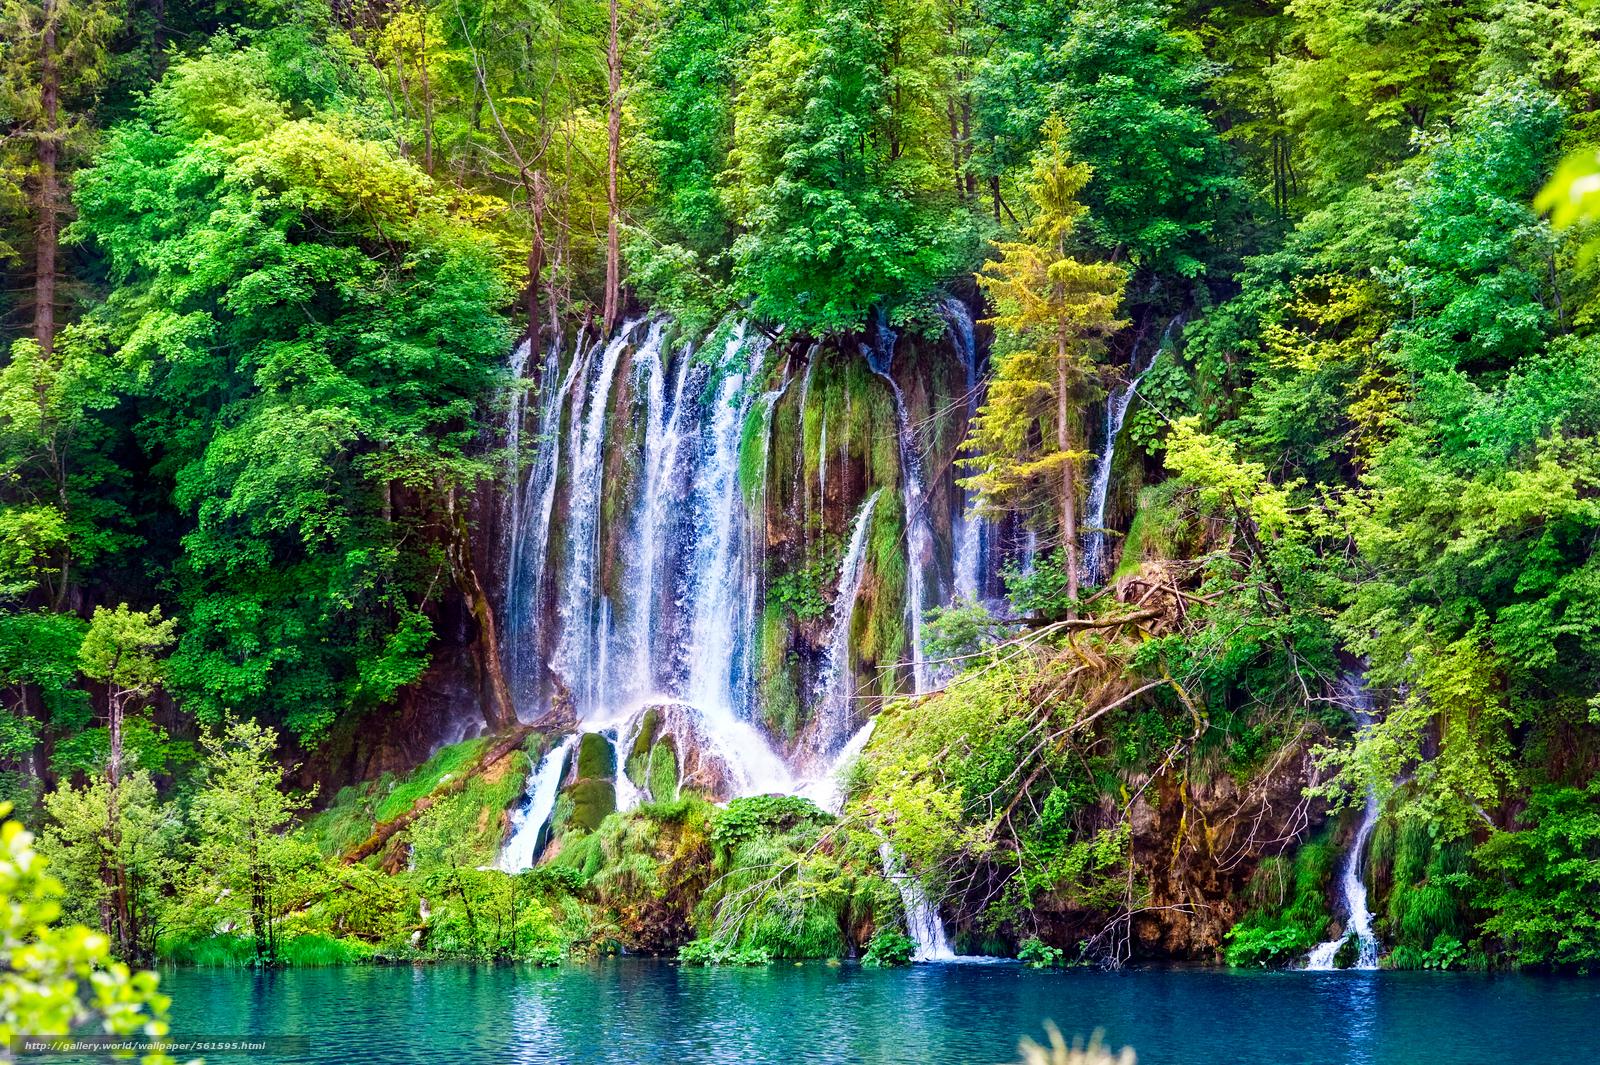 Скачать обои лес,  деревья,  водопад,  пейзаж бесплатно для рабочего стола в разрешении 8512x5664 — картинка №561595